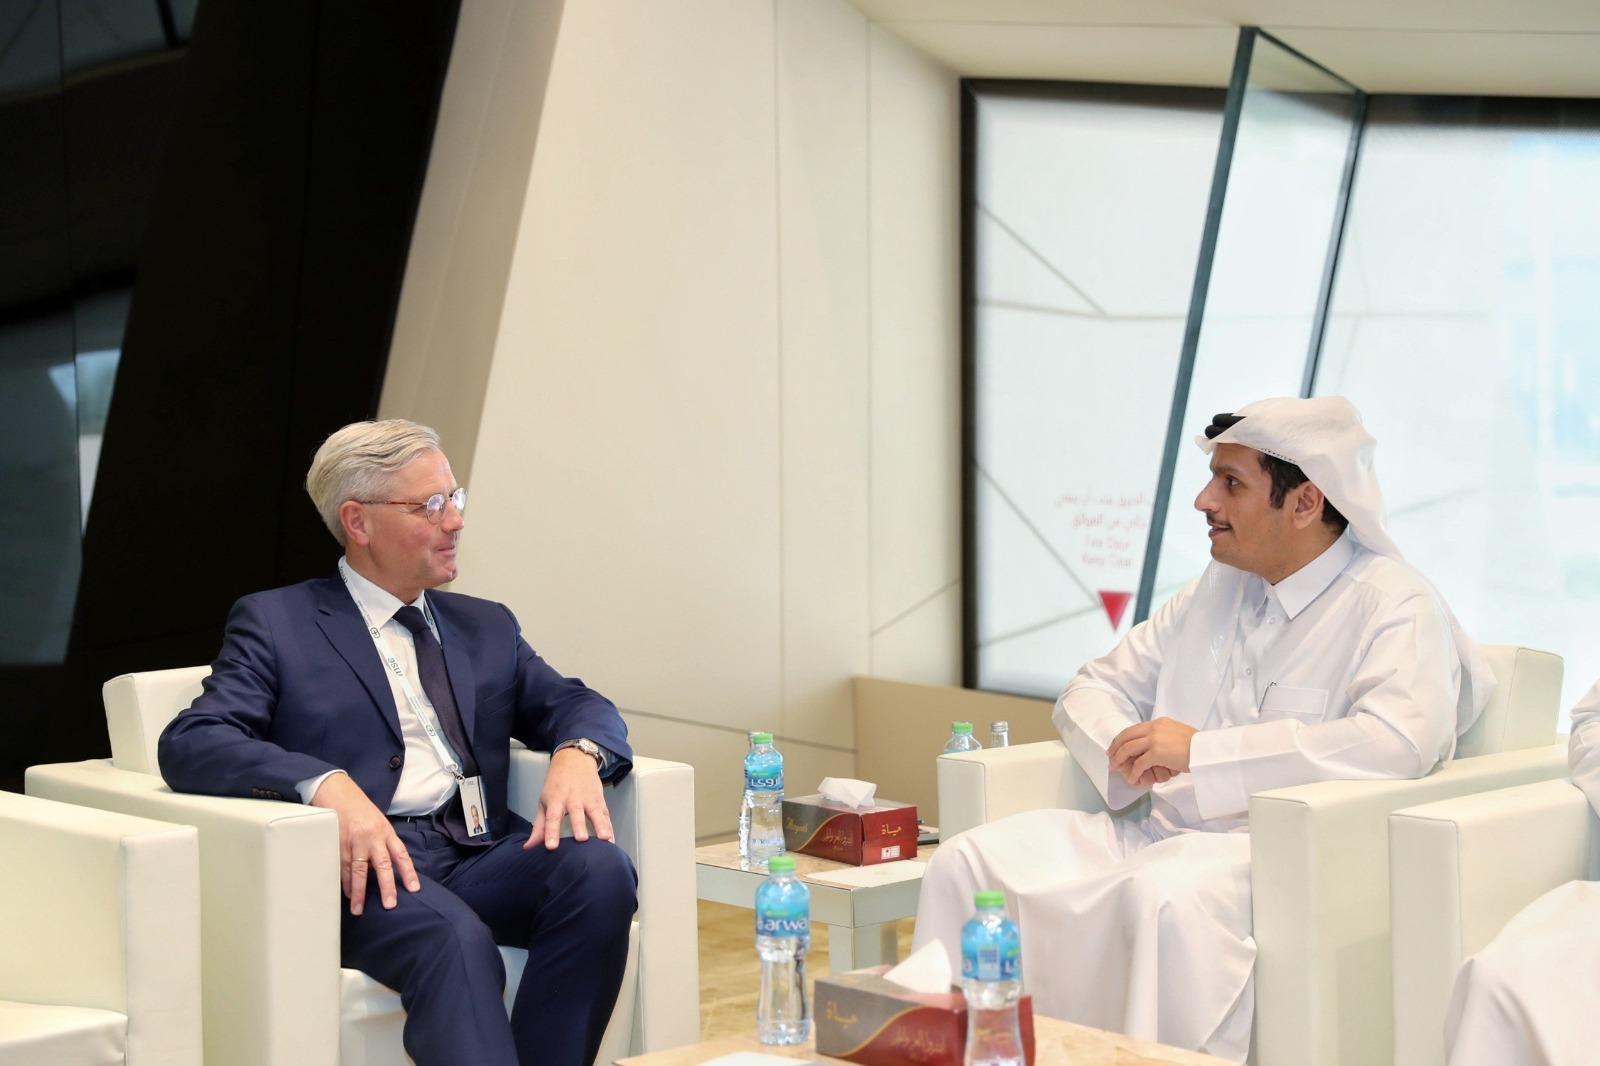 نائب رئيس مجلس الوزراء وزير الخارجية يجتمع مع رئيس لجنة العلاقات الخارجية في البرلمان الألماني